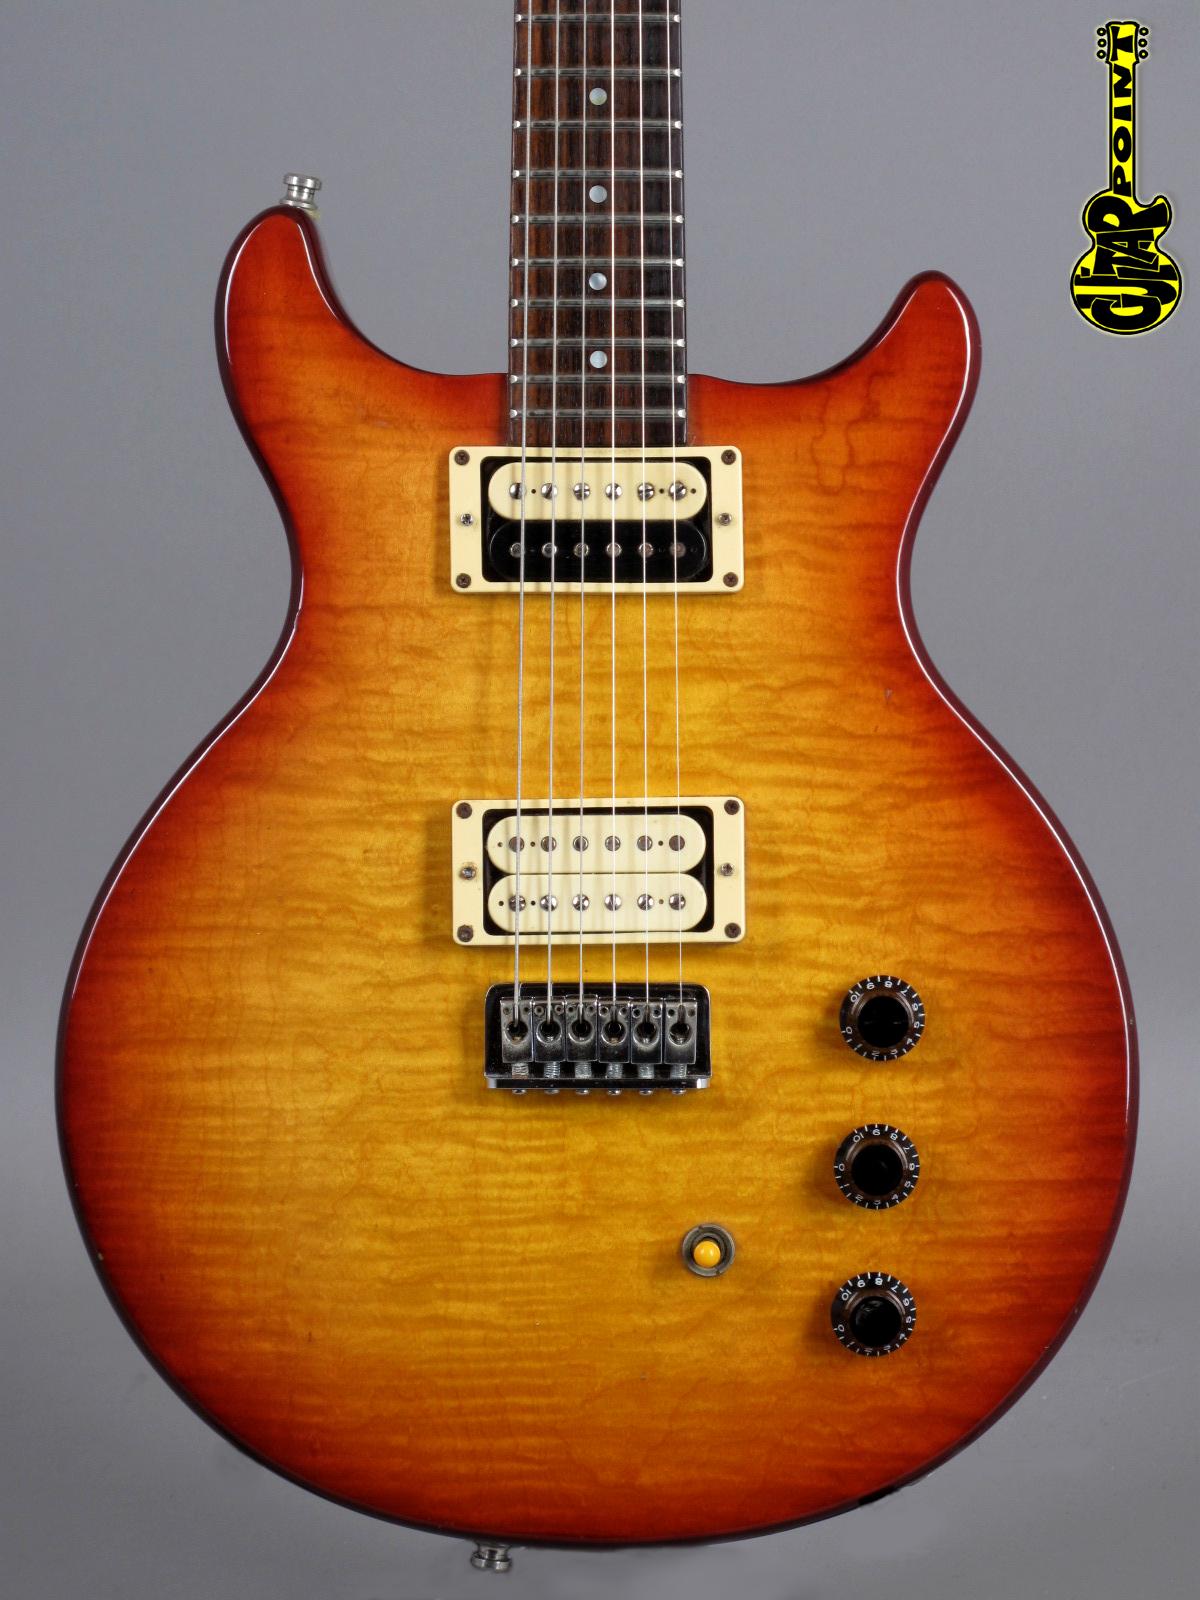 1981 Hamer Special - Sunburst incl. orig. HSC